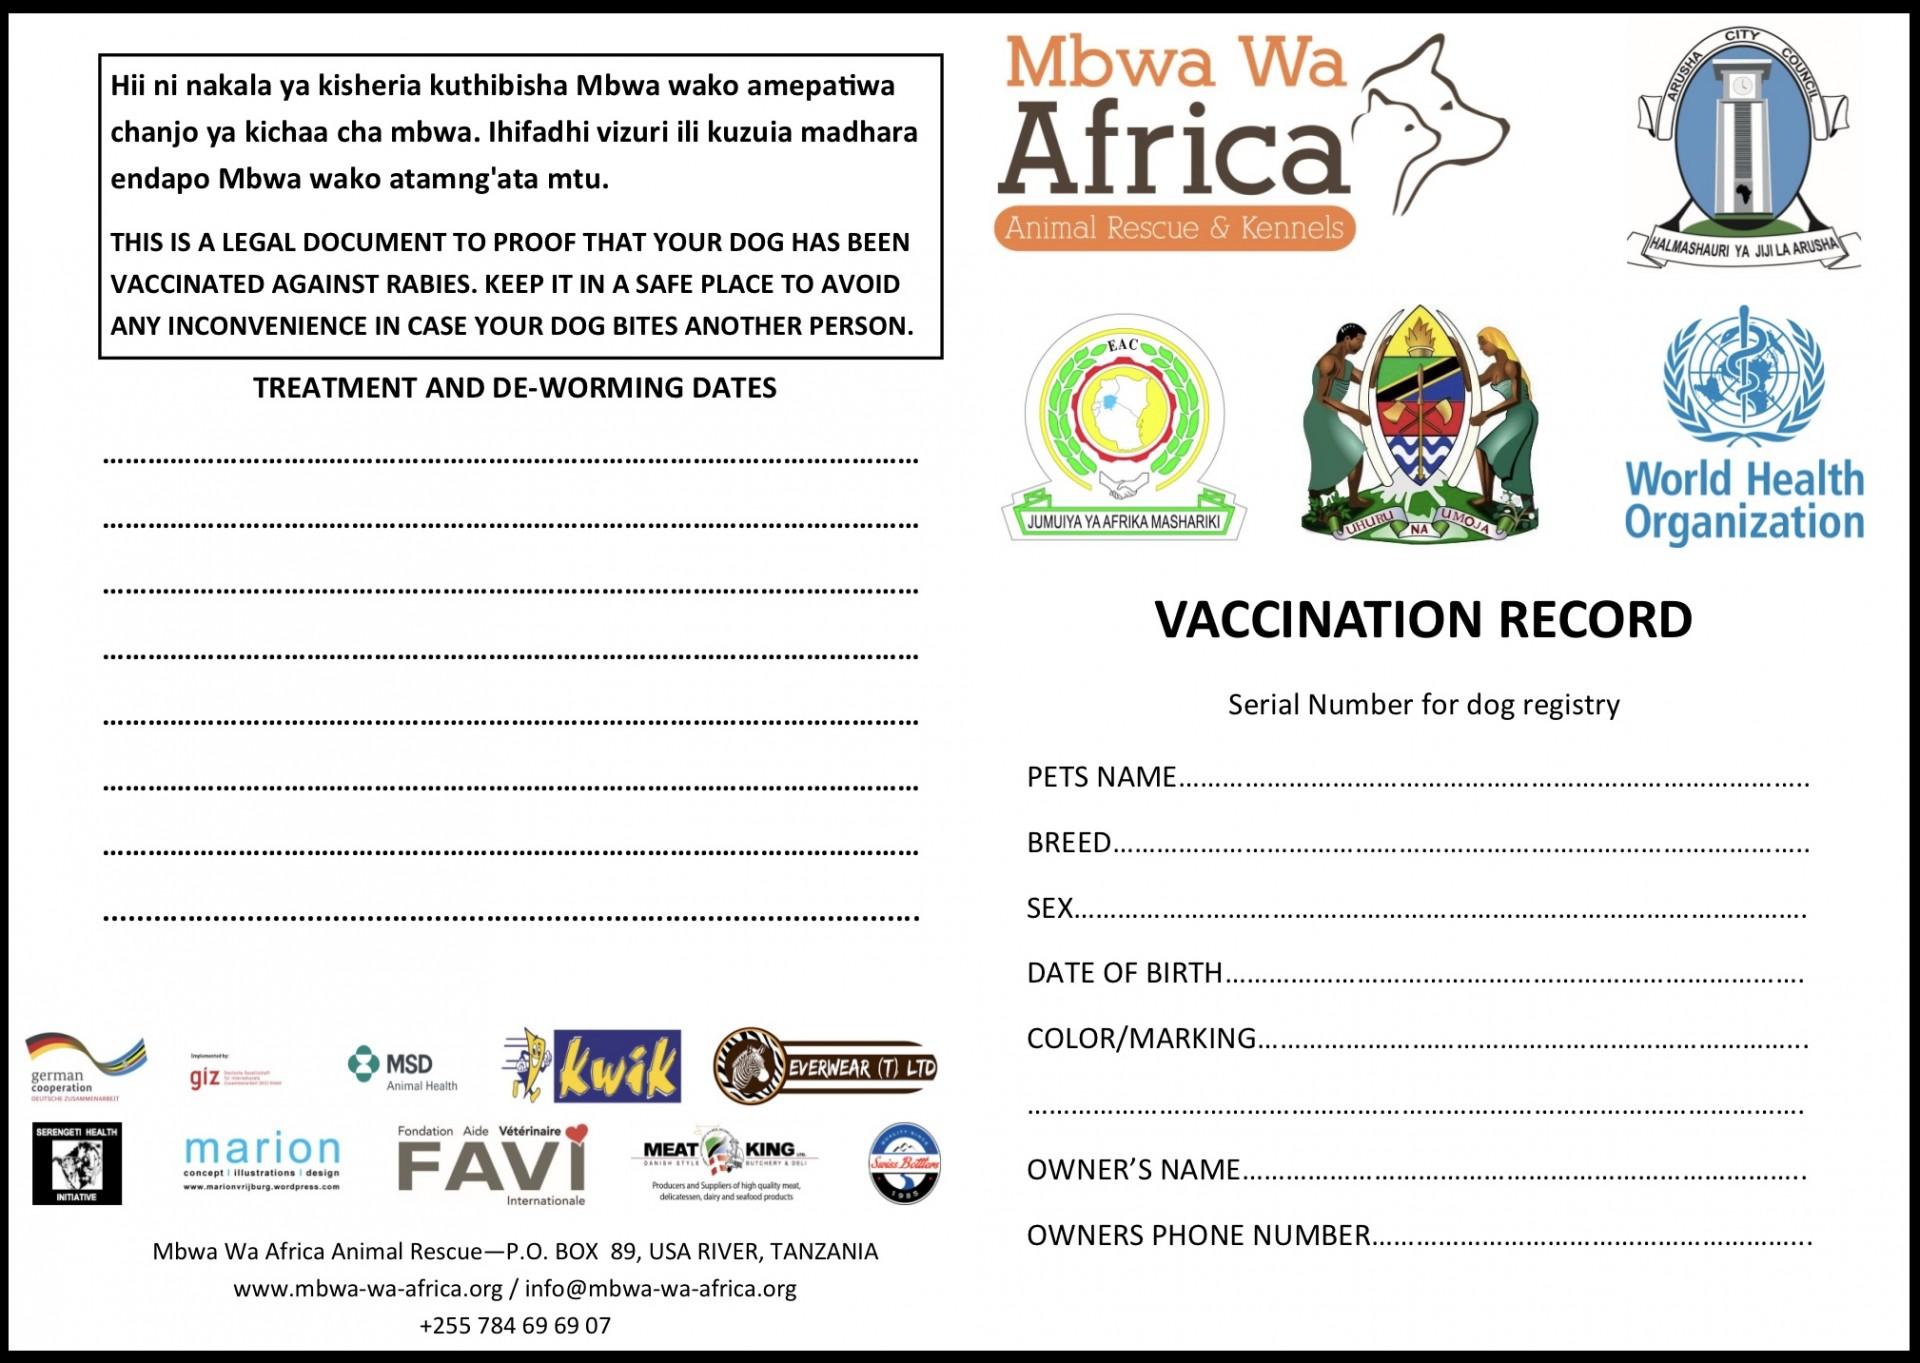 Certificat de vaccination contre la rage en Tanzanie